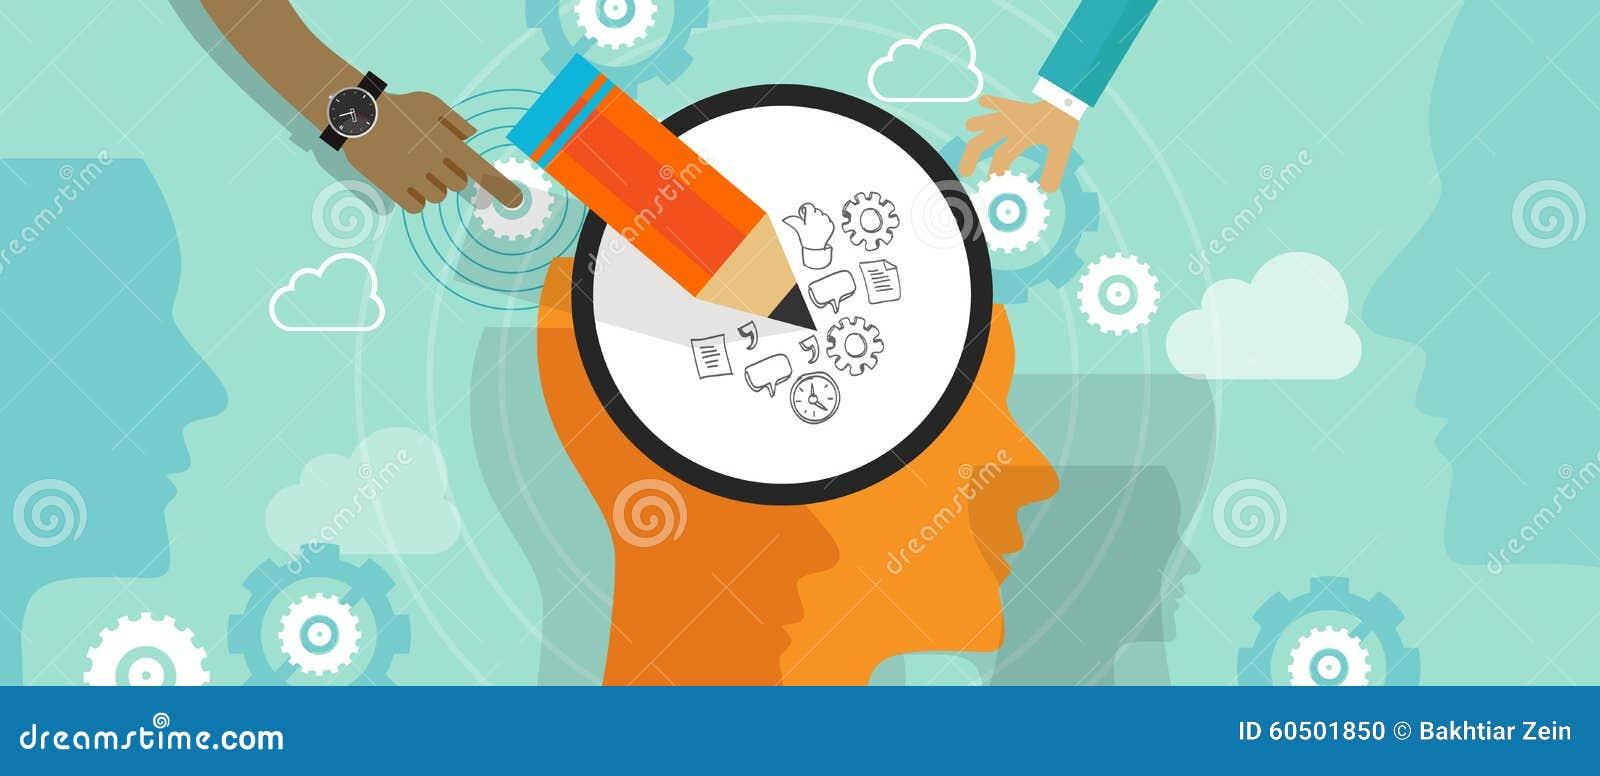 Ontwerp die het creatieve van de de hersenen links-rechtse creativiteit van de procesmening hoofd het idee doodling denken